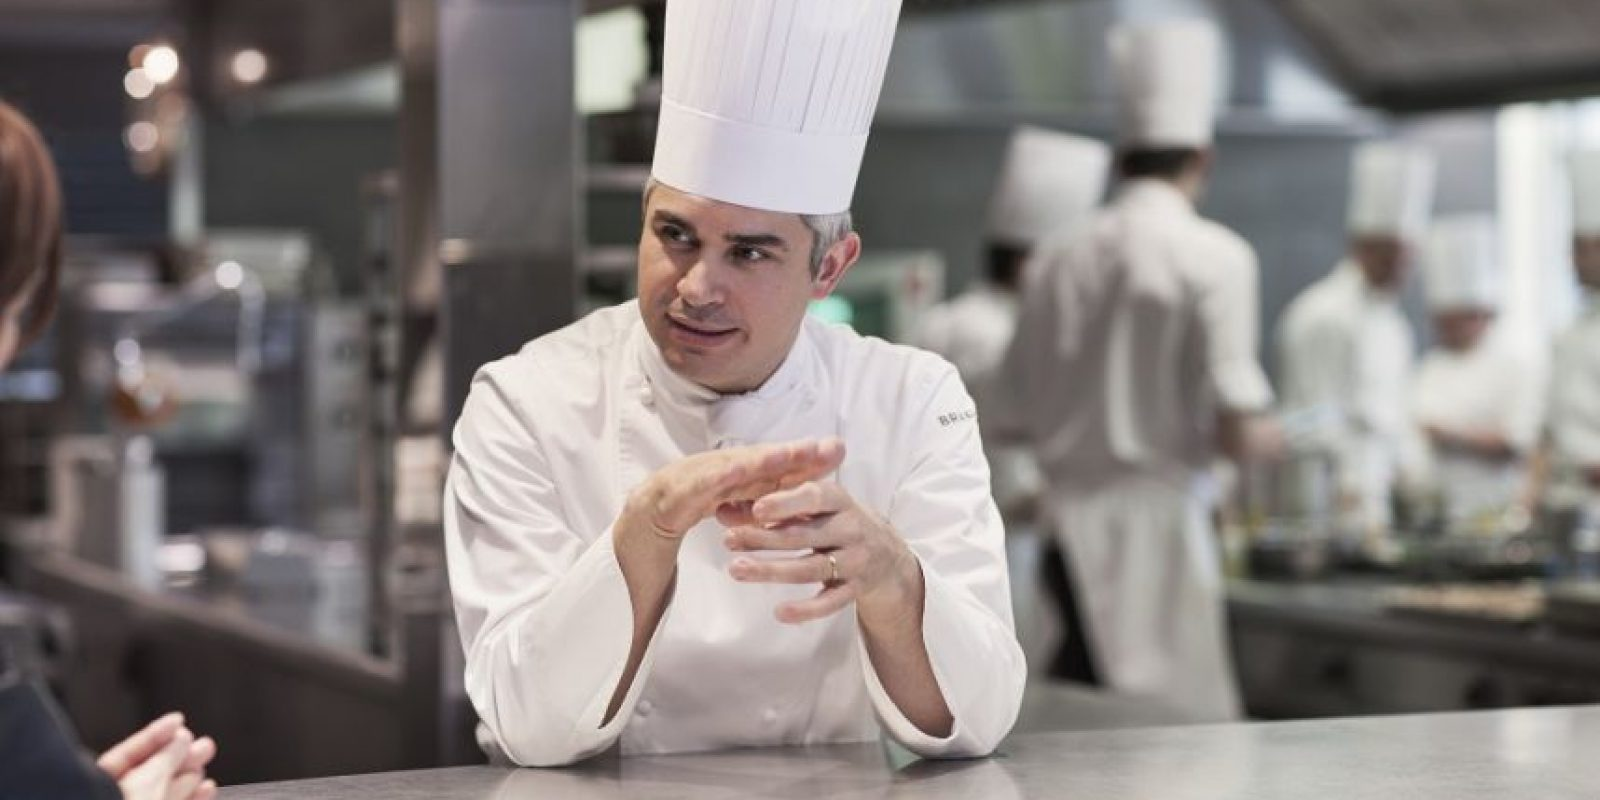 El chef Benoit Violier, considerado por muchos como el mejor del mundo, fue encontrado muerto en su casa el pasado domingo. Foto:Fuente Externa